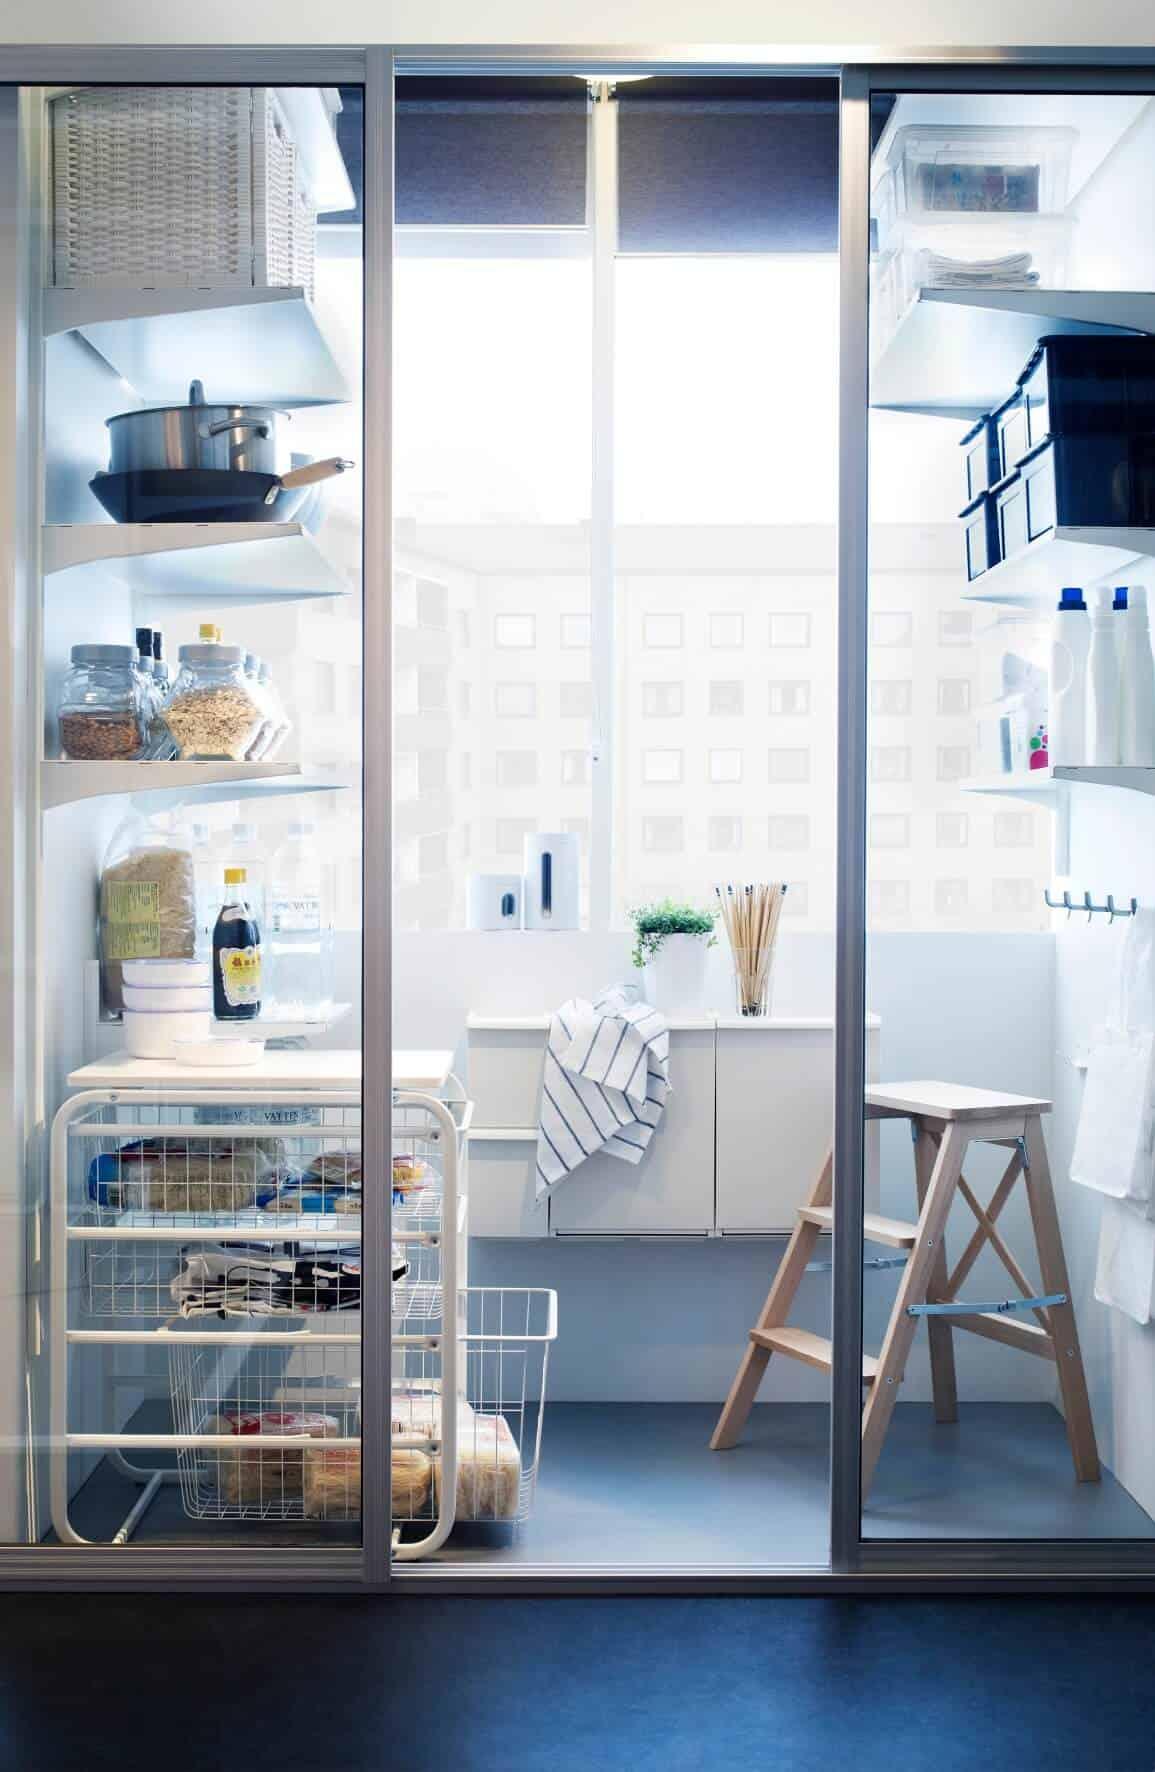 Ikea Algot open storage